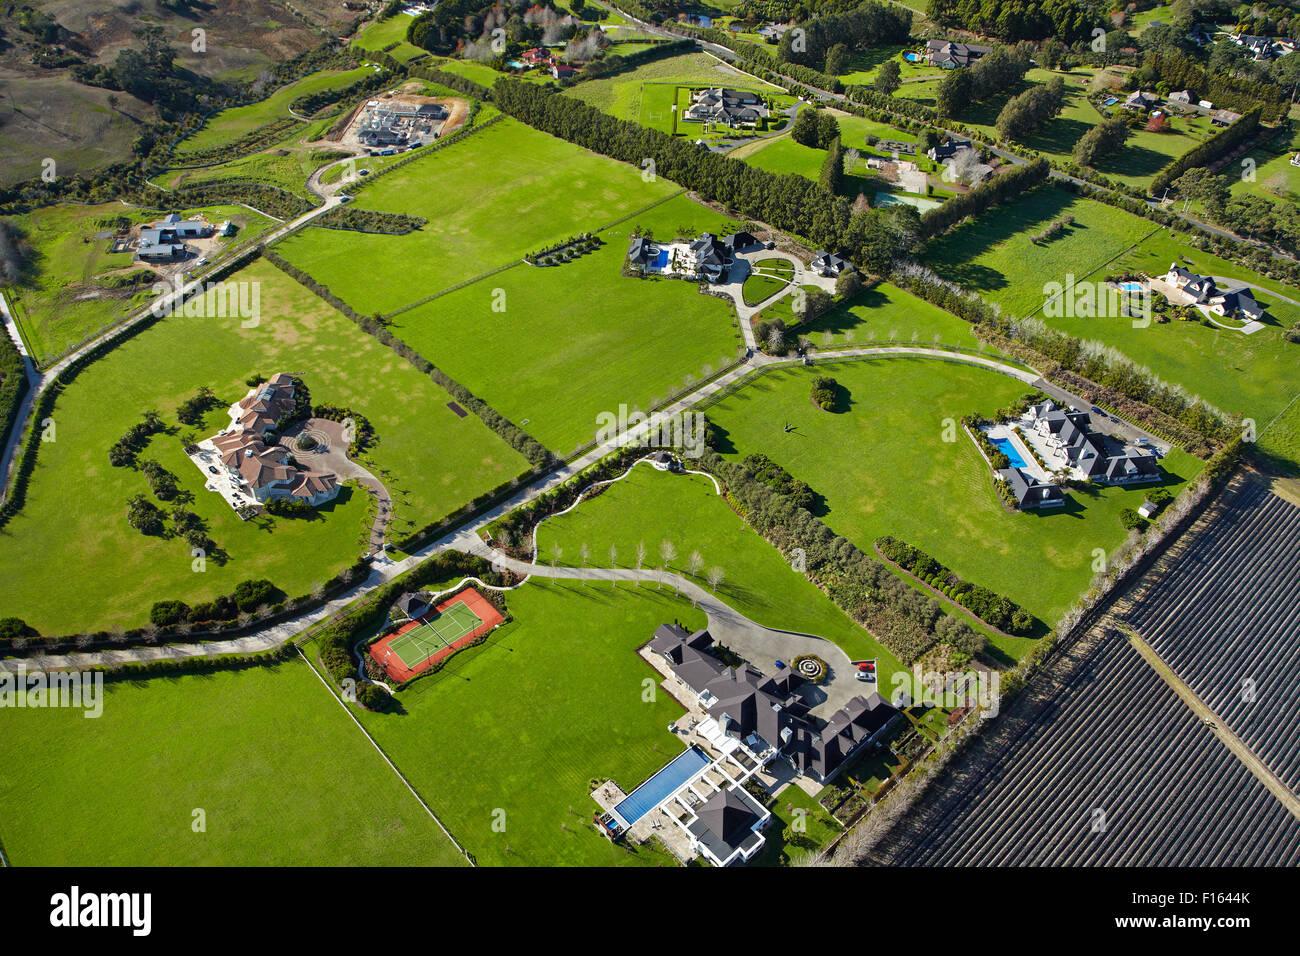 Lifestyle-Eigenschaften in der Nähe von Coatesville, North Auckland, Nordinsel, Neuseeland-Antenne Stockbild